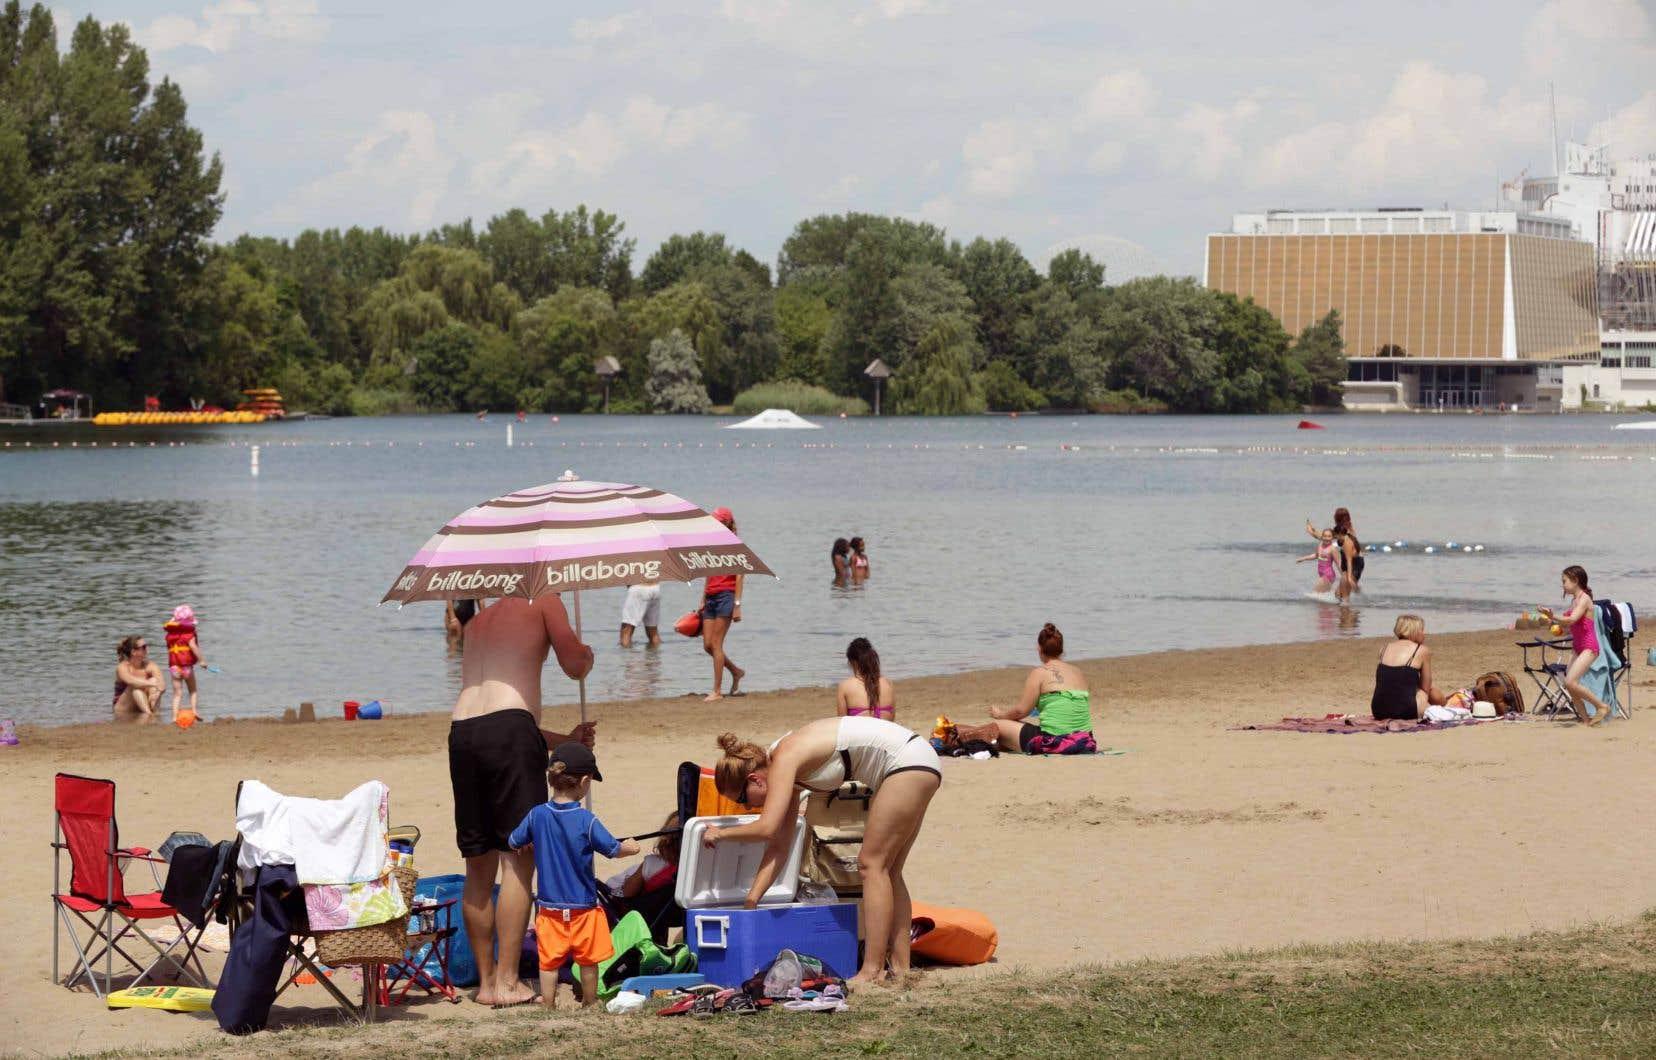 La famille estime par ailleurs que le parc aurait dû imposer un test de nage aux enfants et obliger ceux qui ne savaient pas nager à porter une veste de sauvetage.